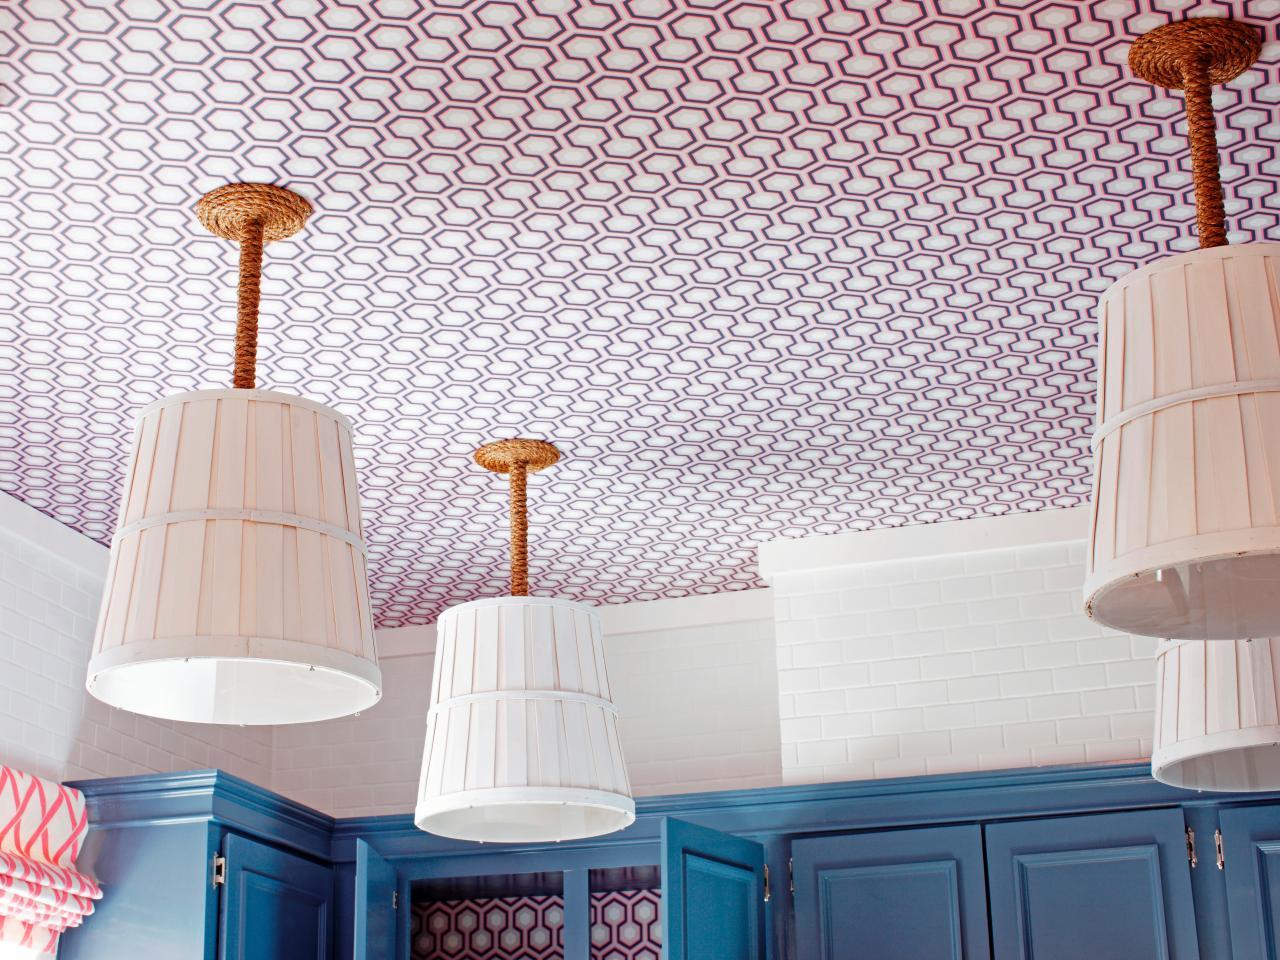 Обои на потолок: как выбрать идеальный отделочный материал (23 фото)